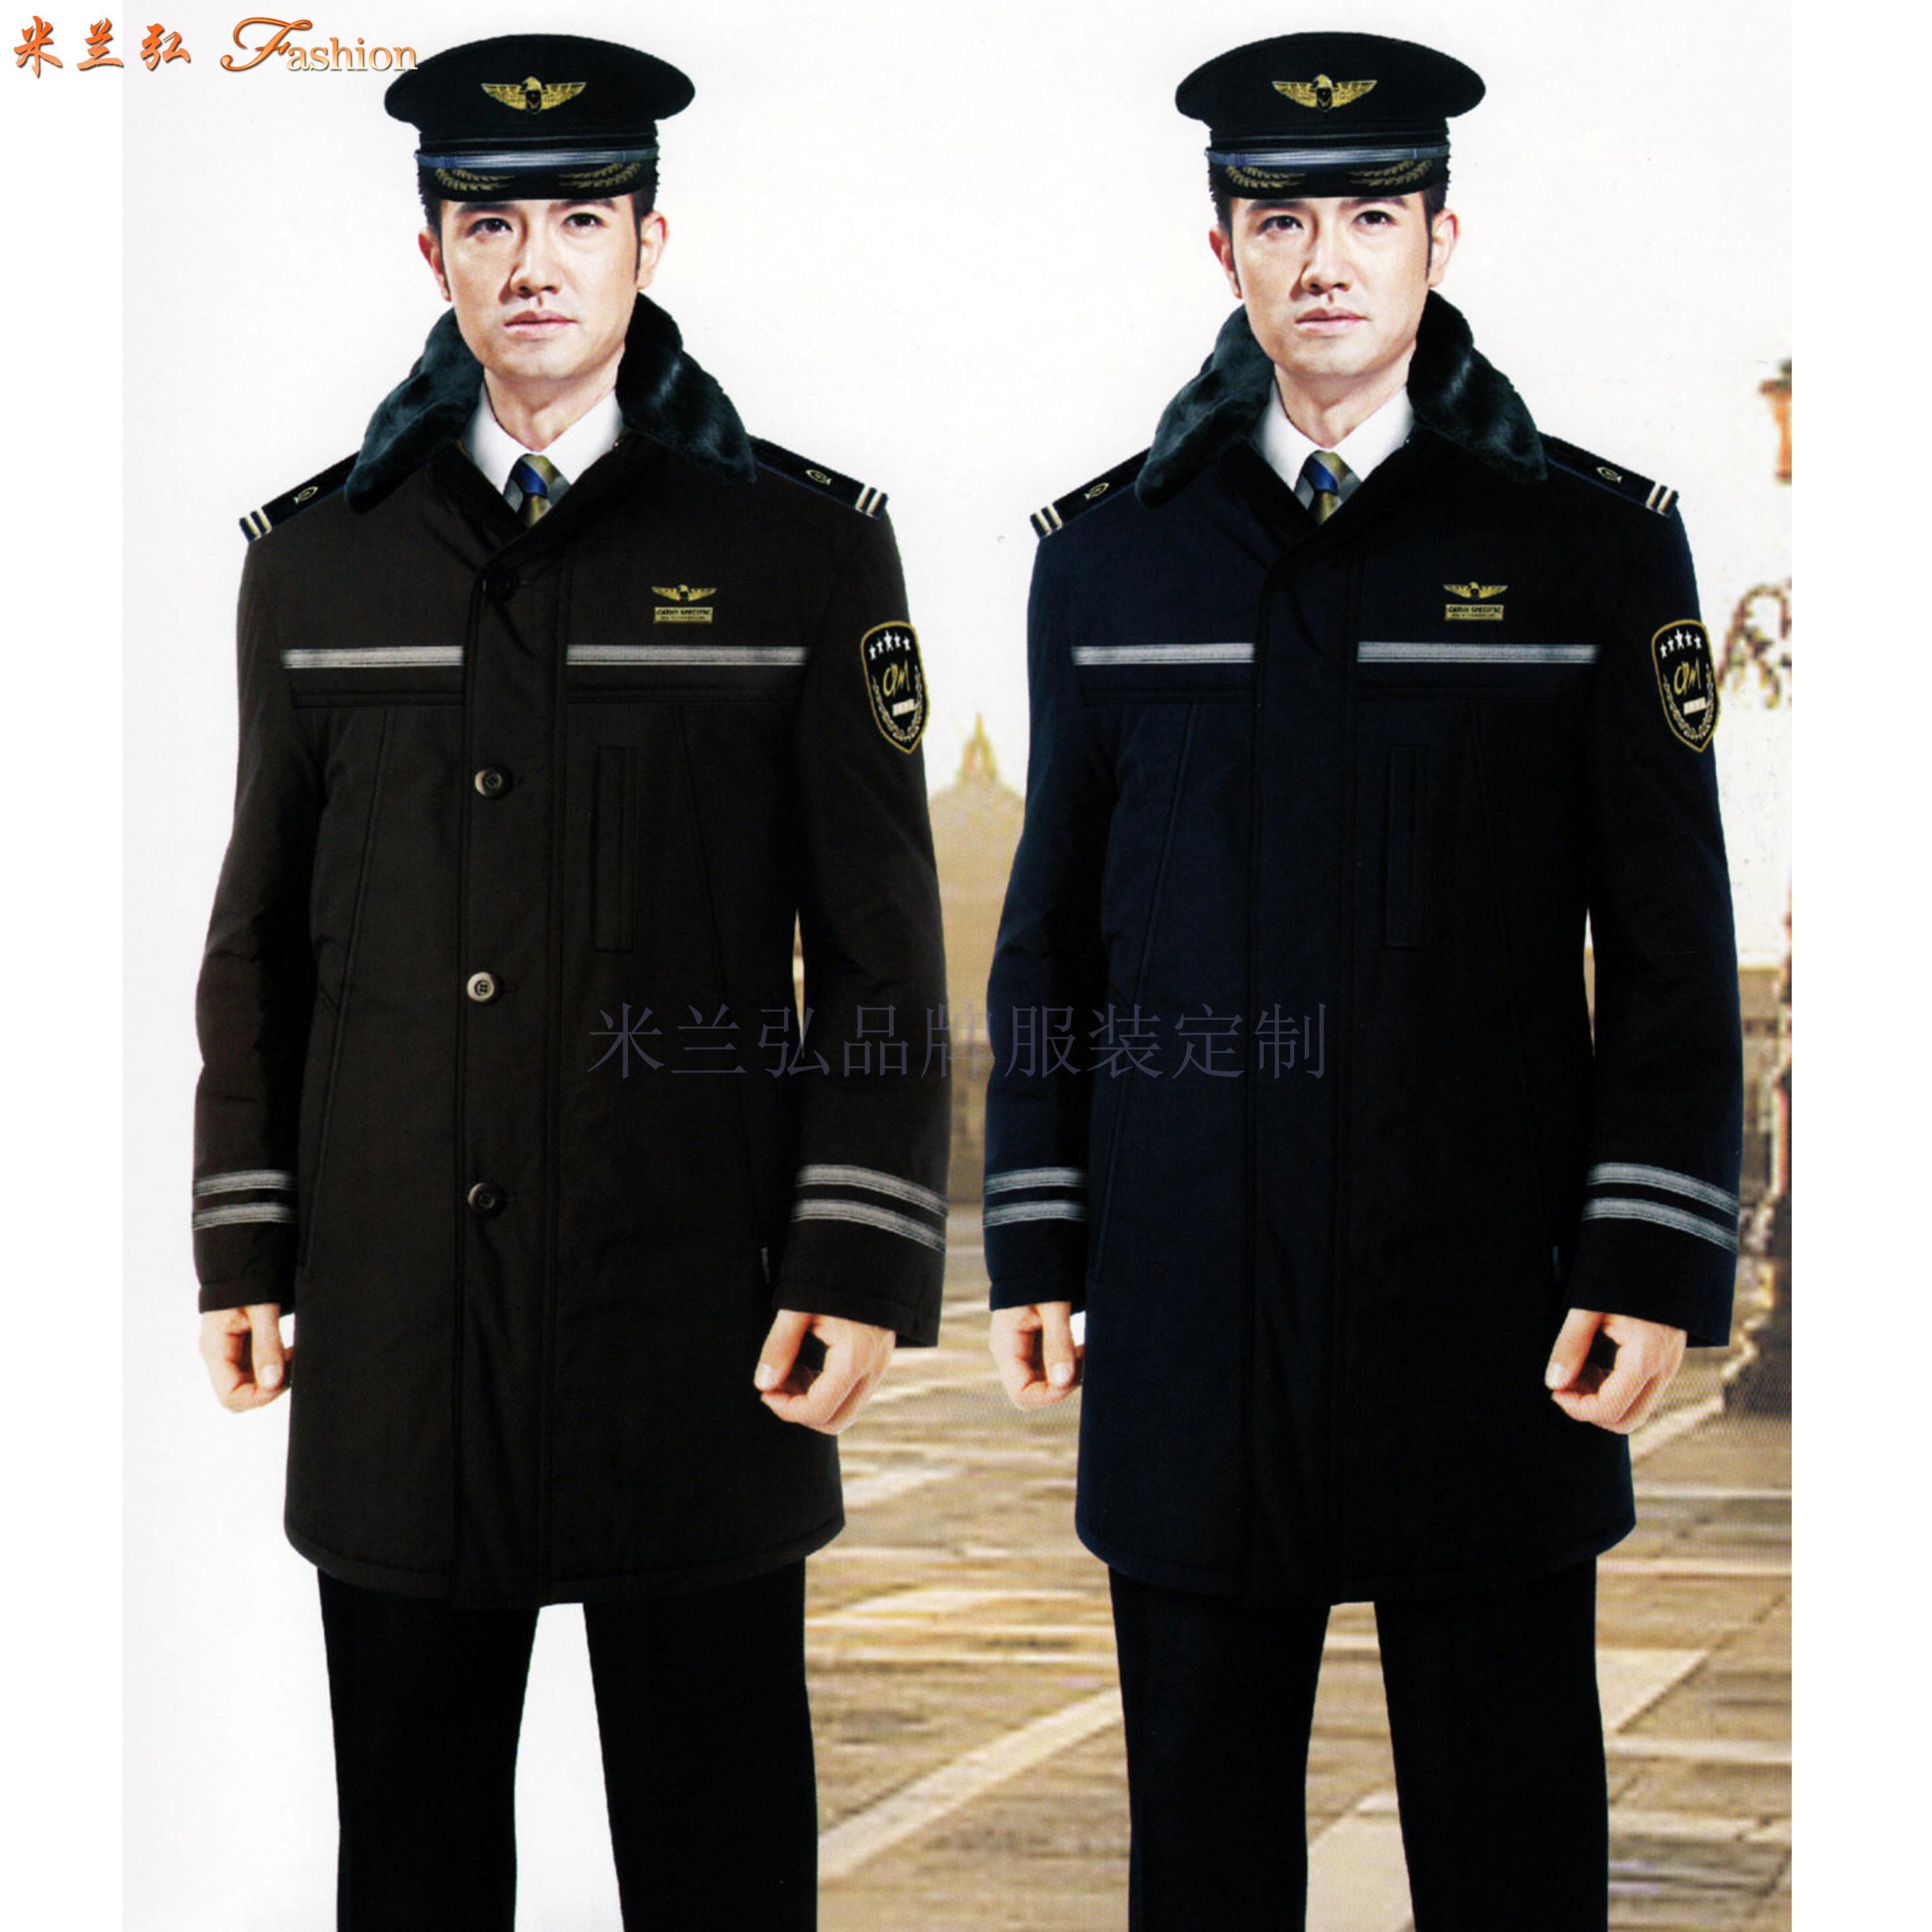 「地鐵大衣定做」「地鐵大衣訂制」「地鐵大衣制作」米蘭弘服裝-1